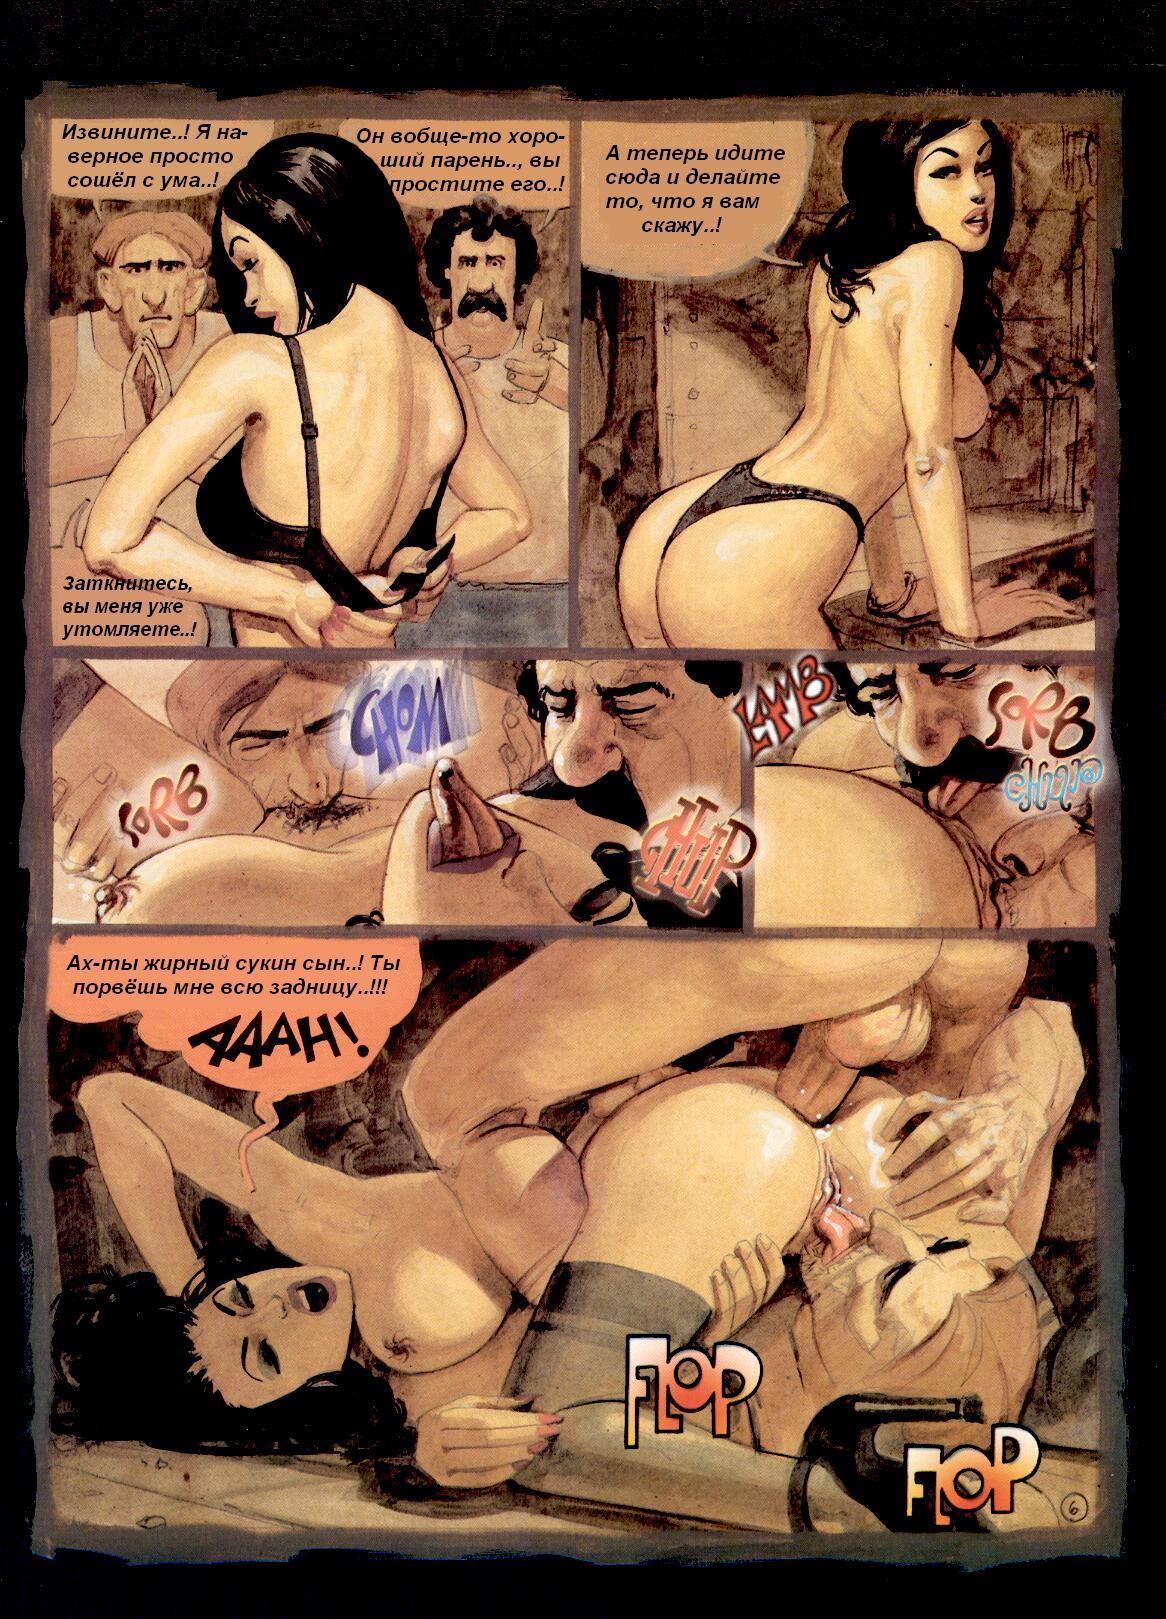 Русский девишник частное секс онлайн 29 фотография